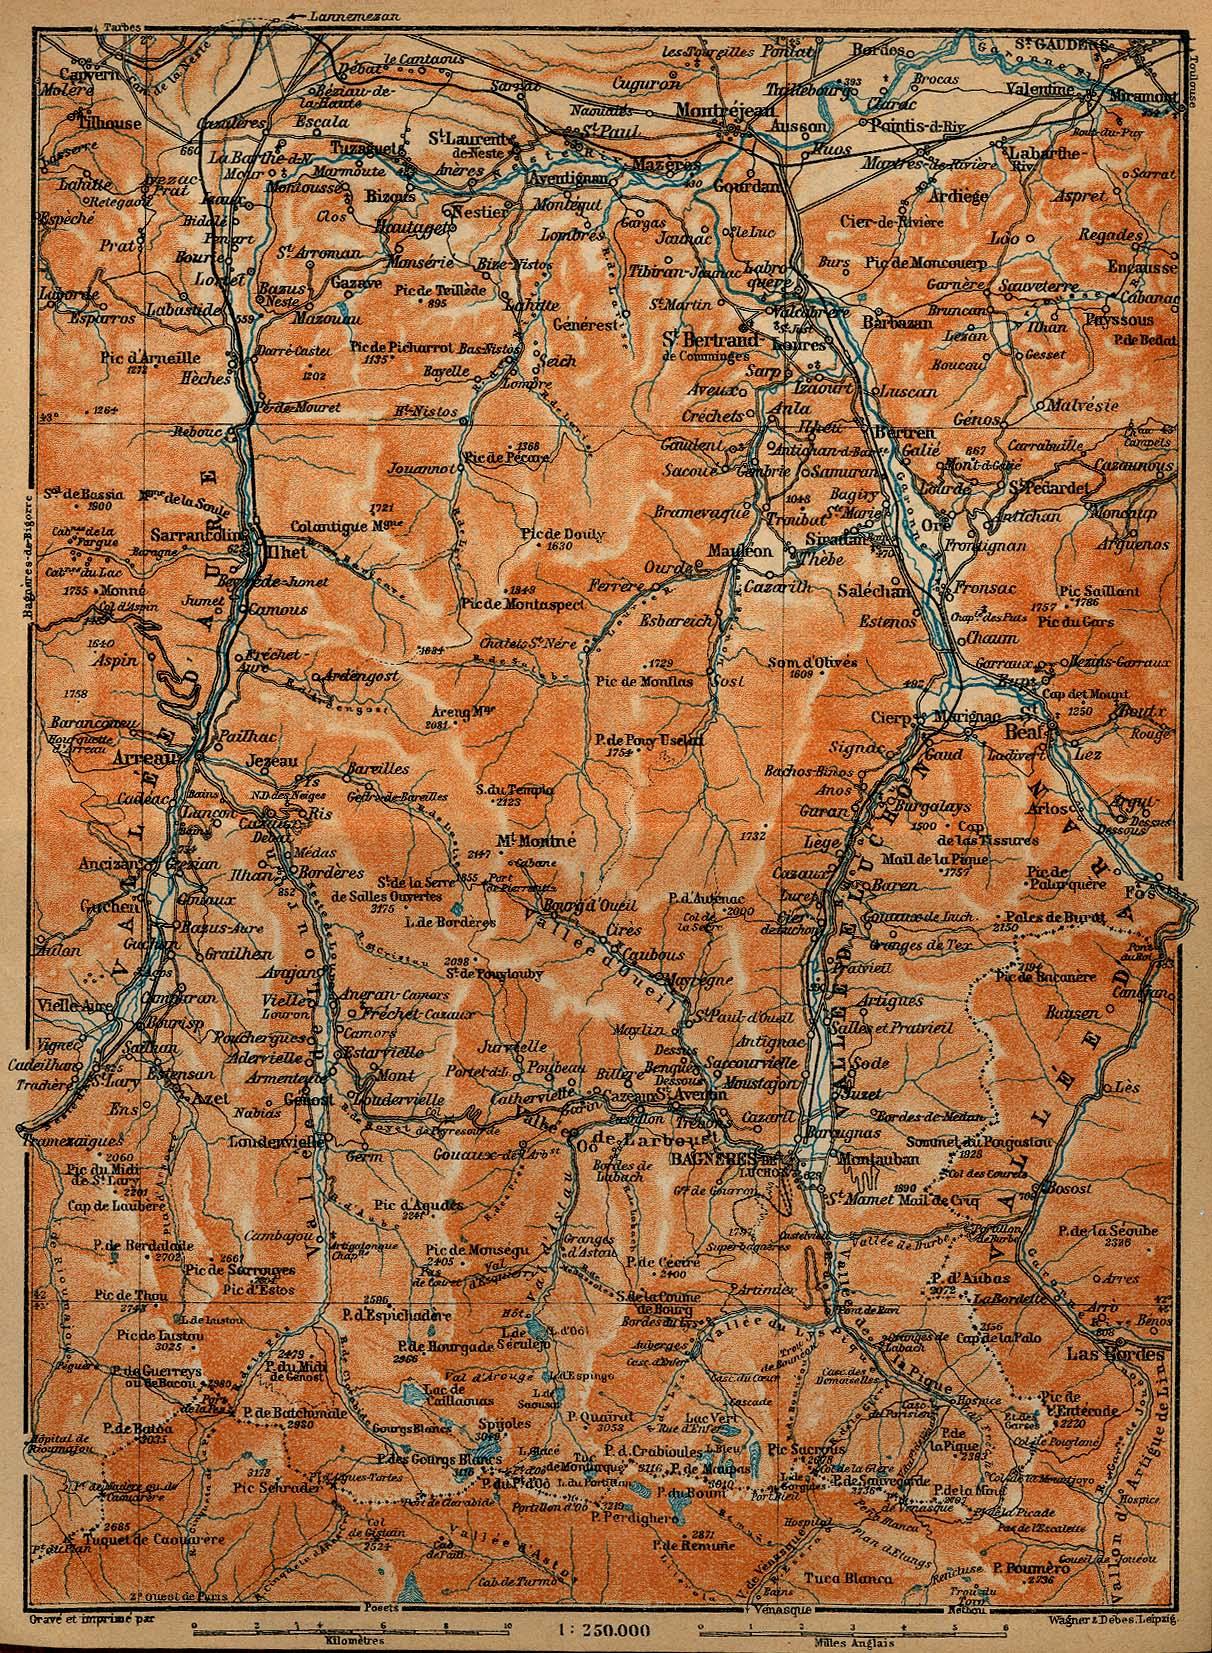 Mapa de los Valles d'Aure, de Luchon y d'Aran, Francia 1914